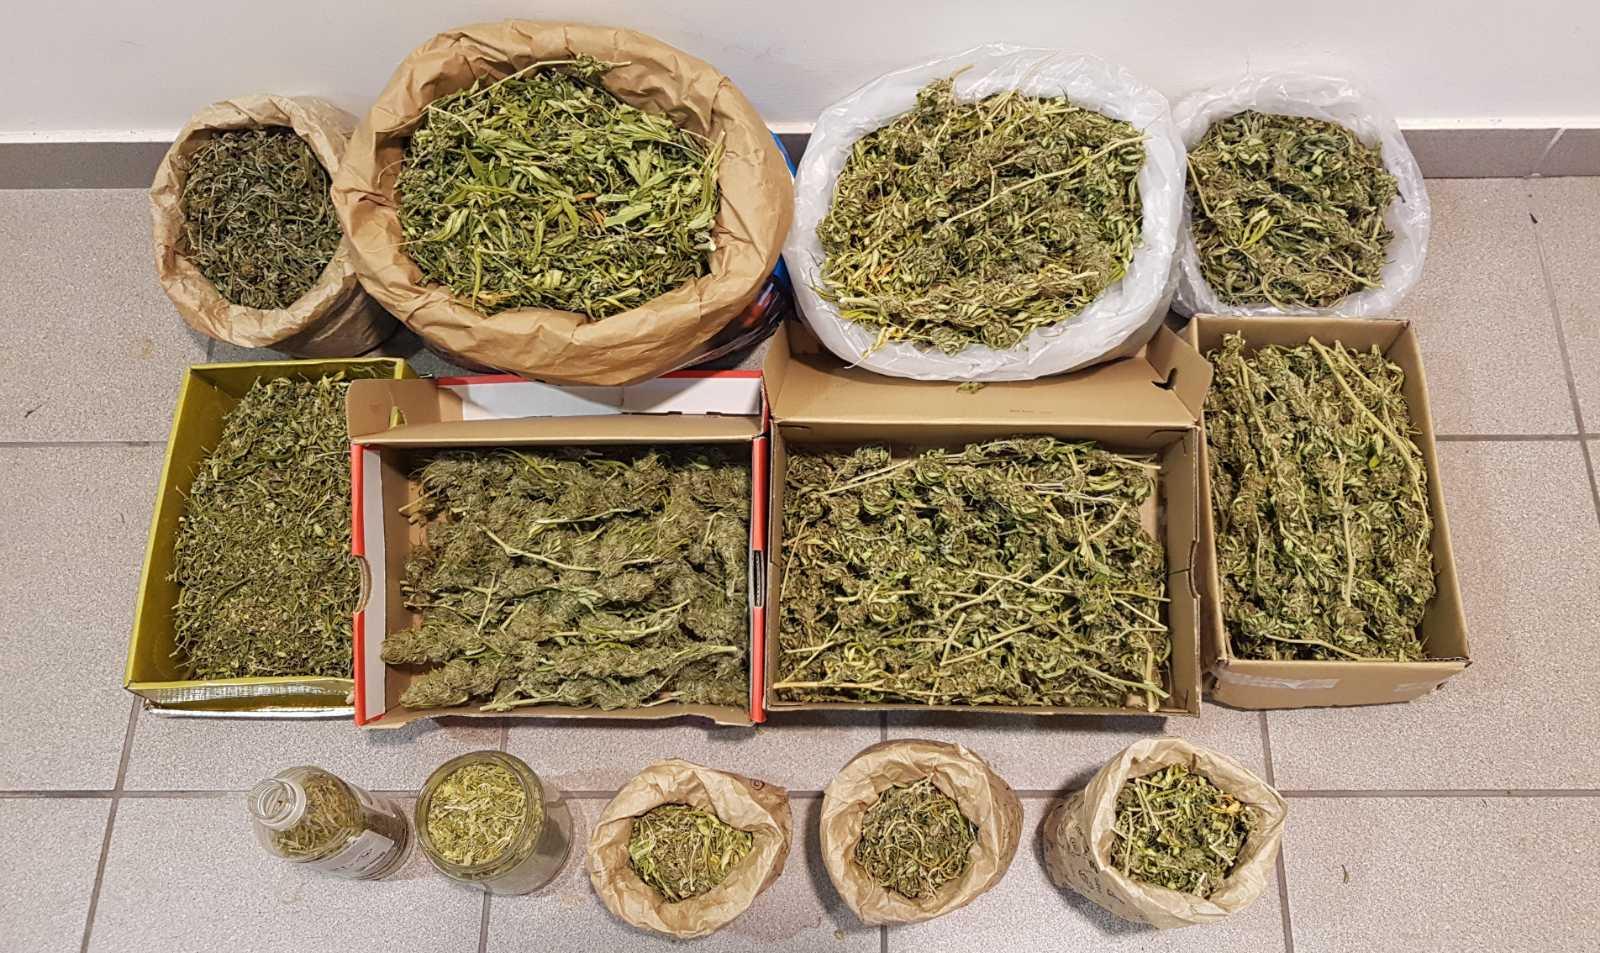 Μεγάλη επιχείρηση για κύκλωμα ναρκωτικών με «πλοκάμια» από την Κρήτη μέχρι τις Σέρρες